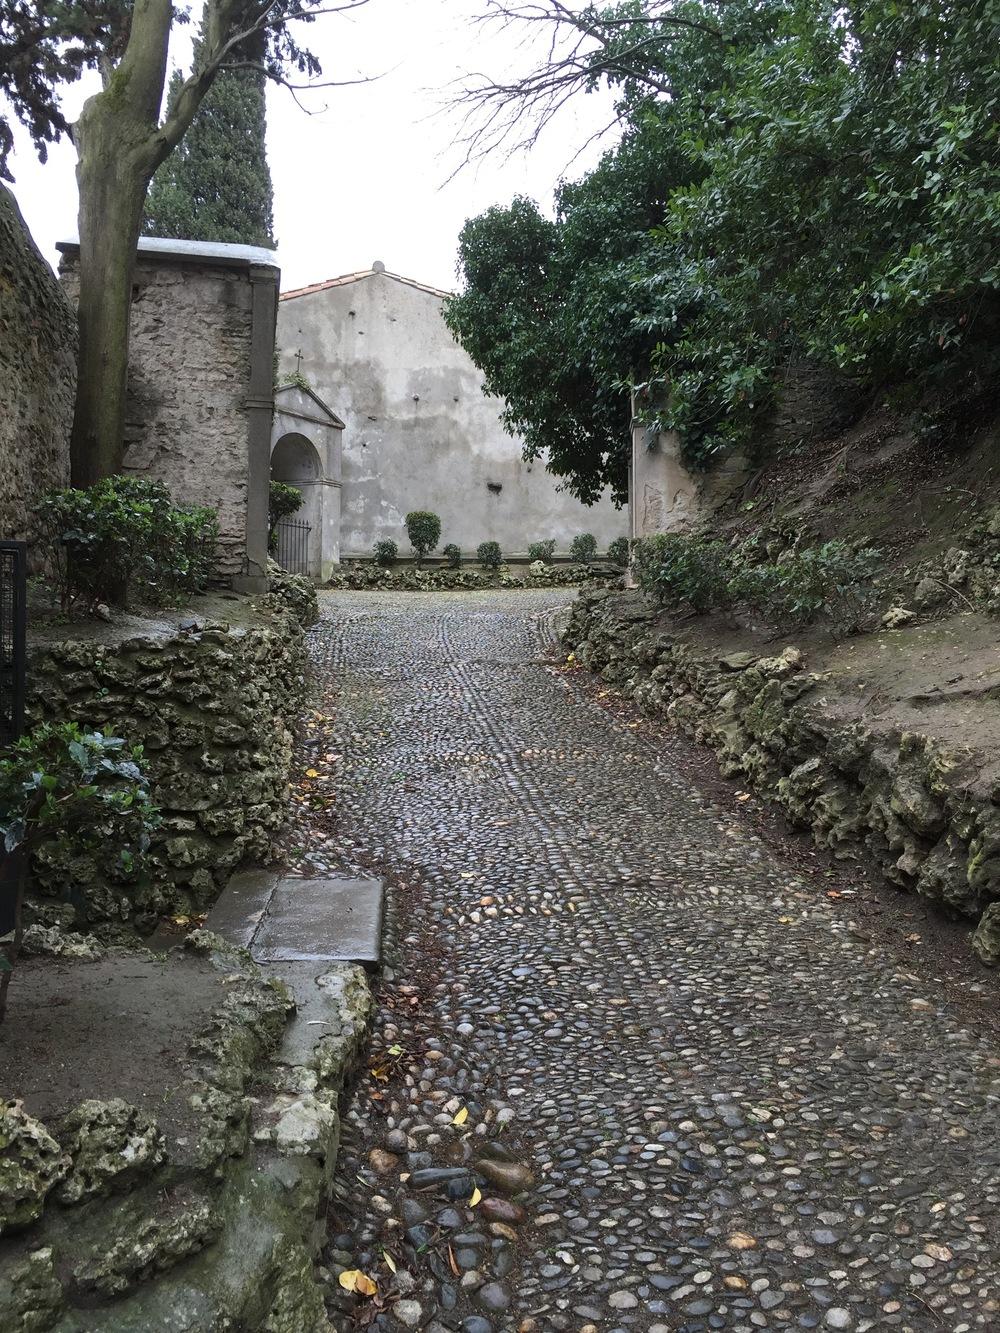 Le-Jardin-du-Calvaire-Carcassonne-jessewaugh.com-28.jpg